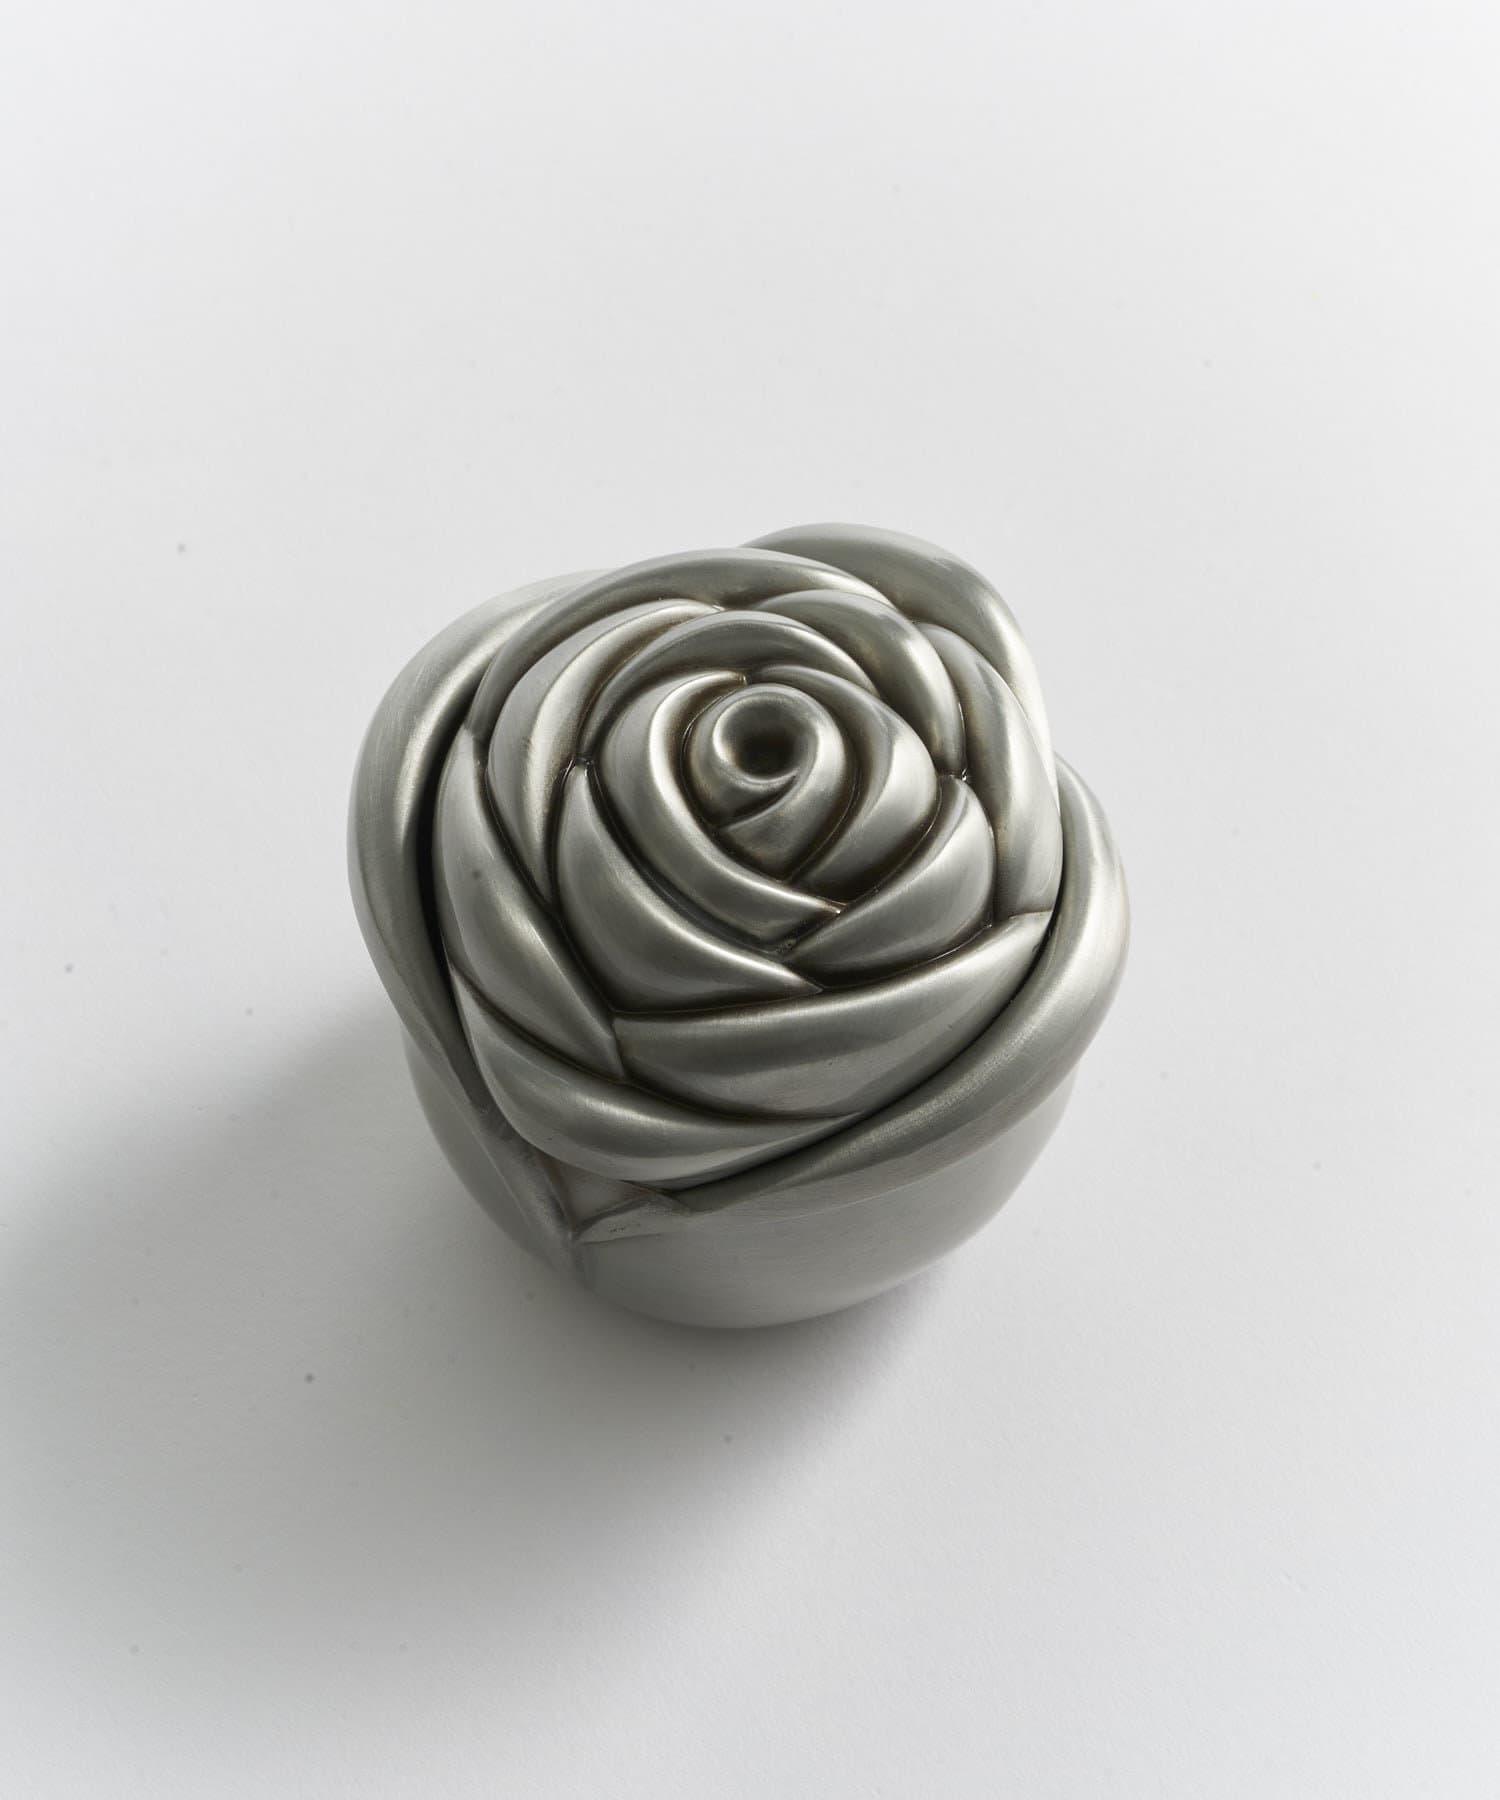 Lattice(ラティス) 【WEB限定】バラ型アンティーク風アクセサリーケース